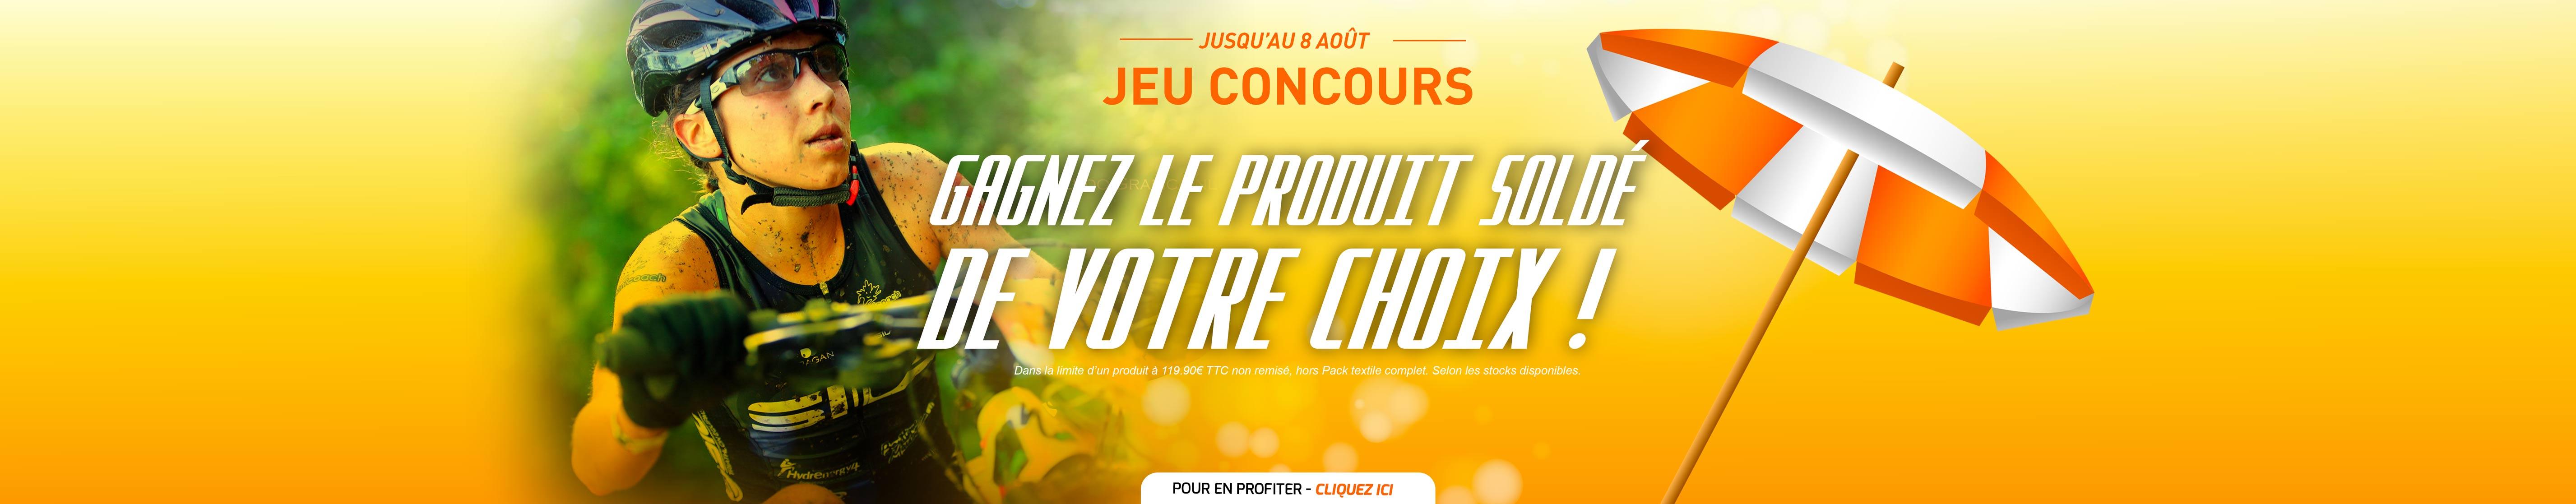 JEU CONCOURS DE L'ÉTÉ - GAGNEZ LE PRODUIT SOLDÉ DE VOTRE CHOIX